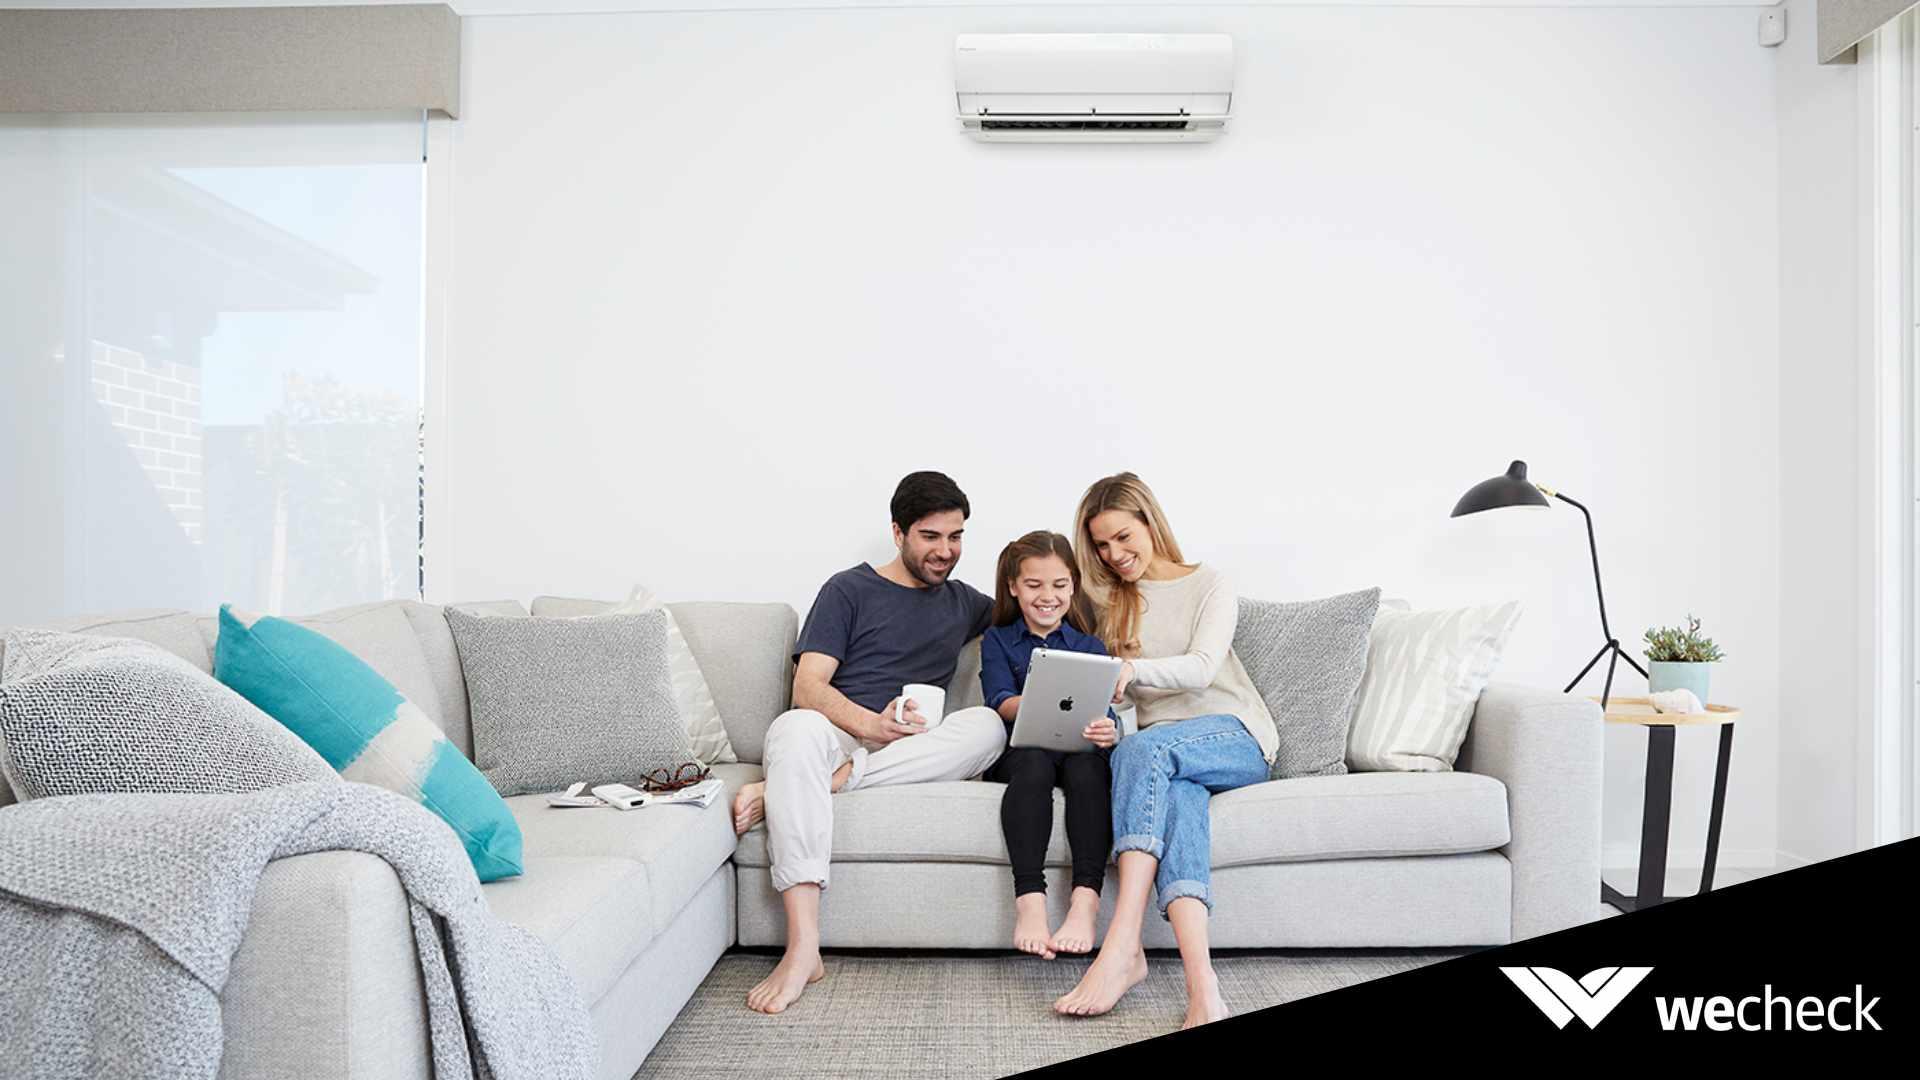 alargar la vida útil de tu aire acondicionado